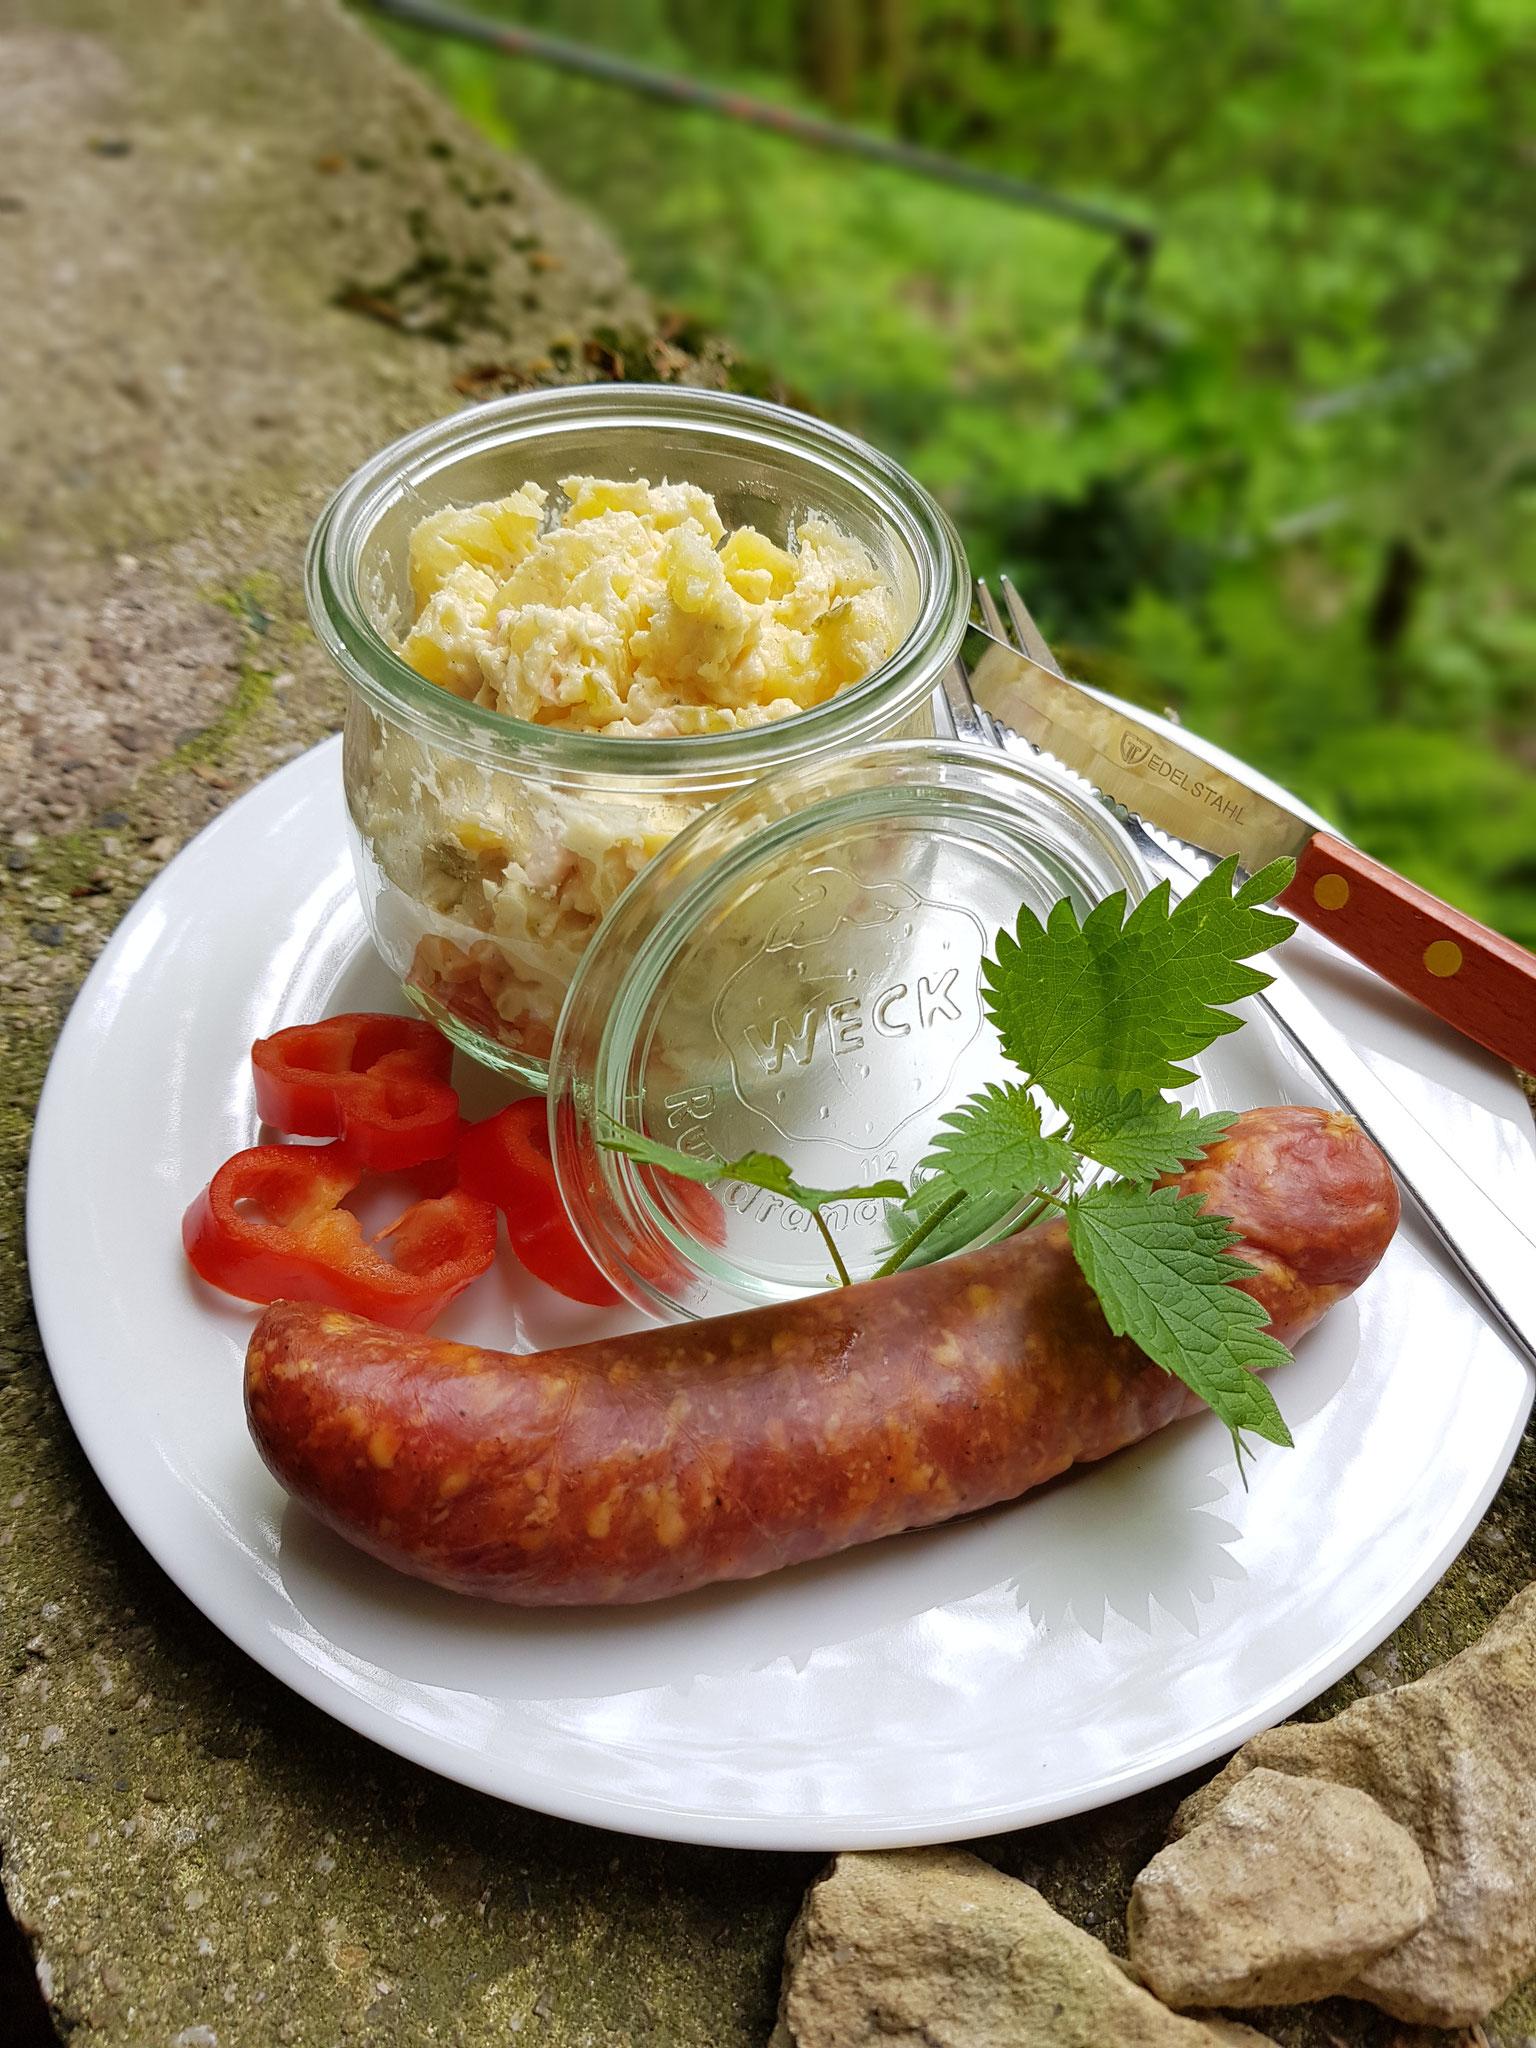 Frischer Schweineknacker mit hausgemachtem Kartoffelsalat